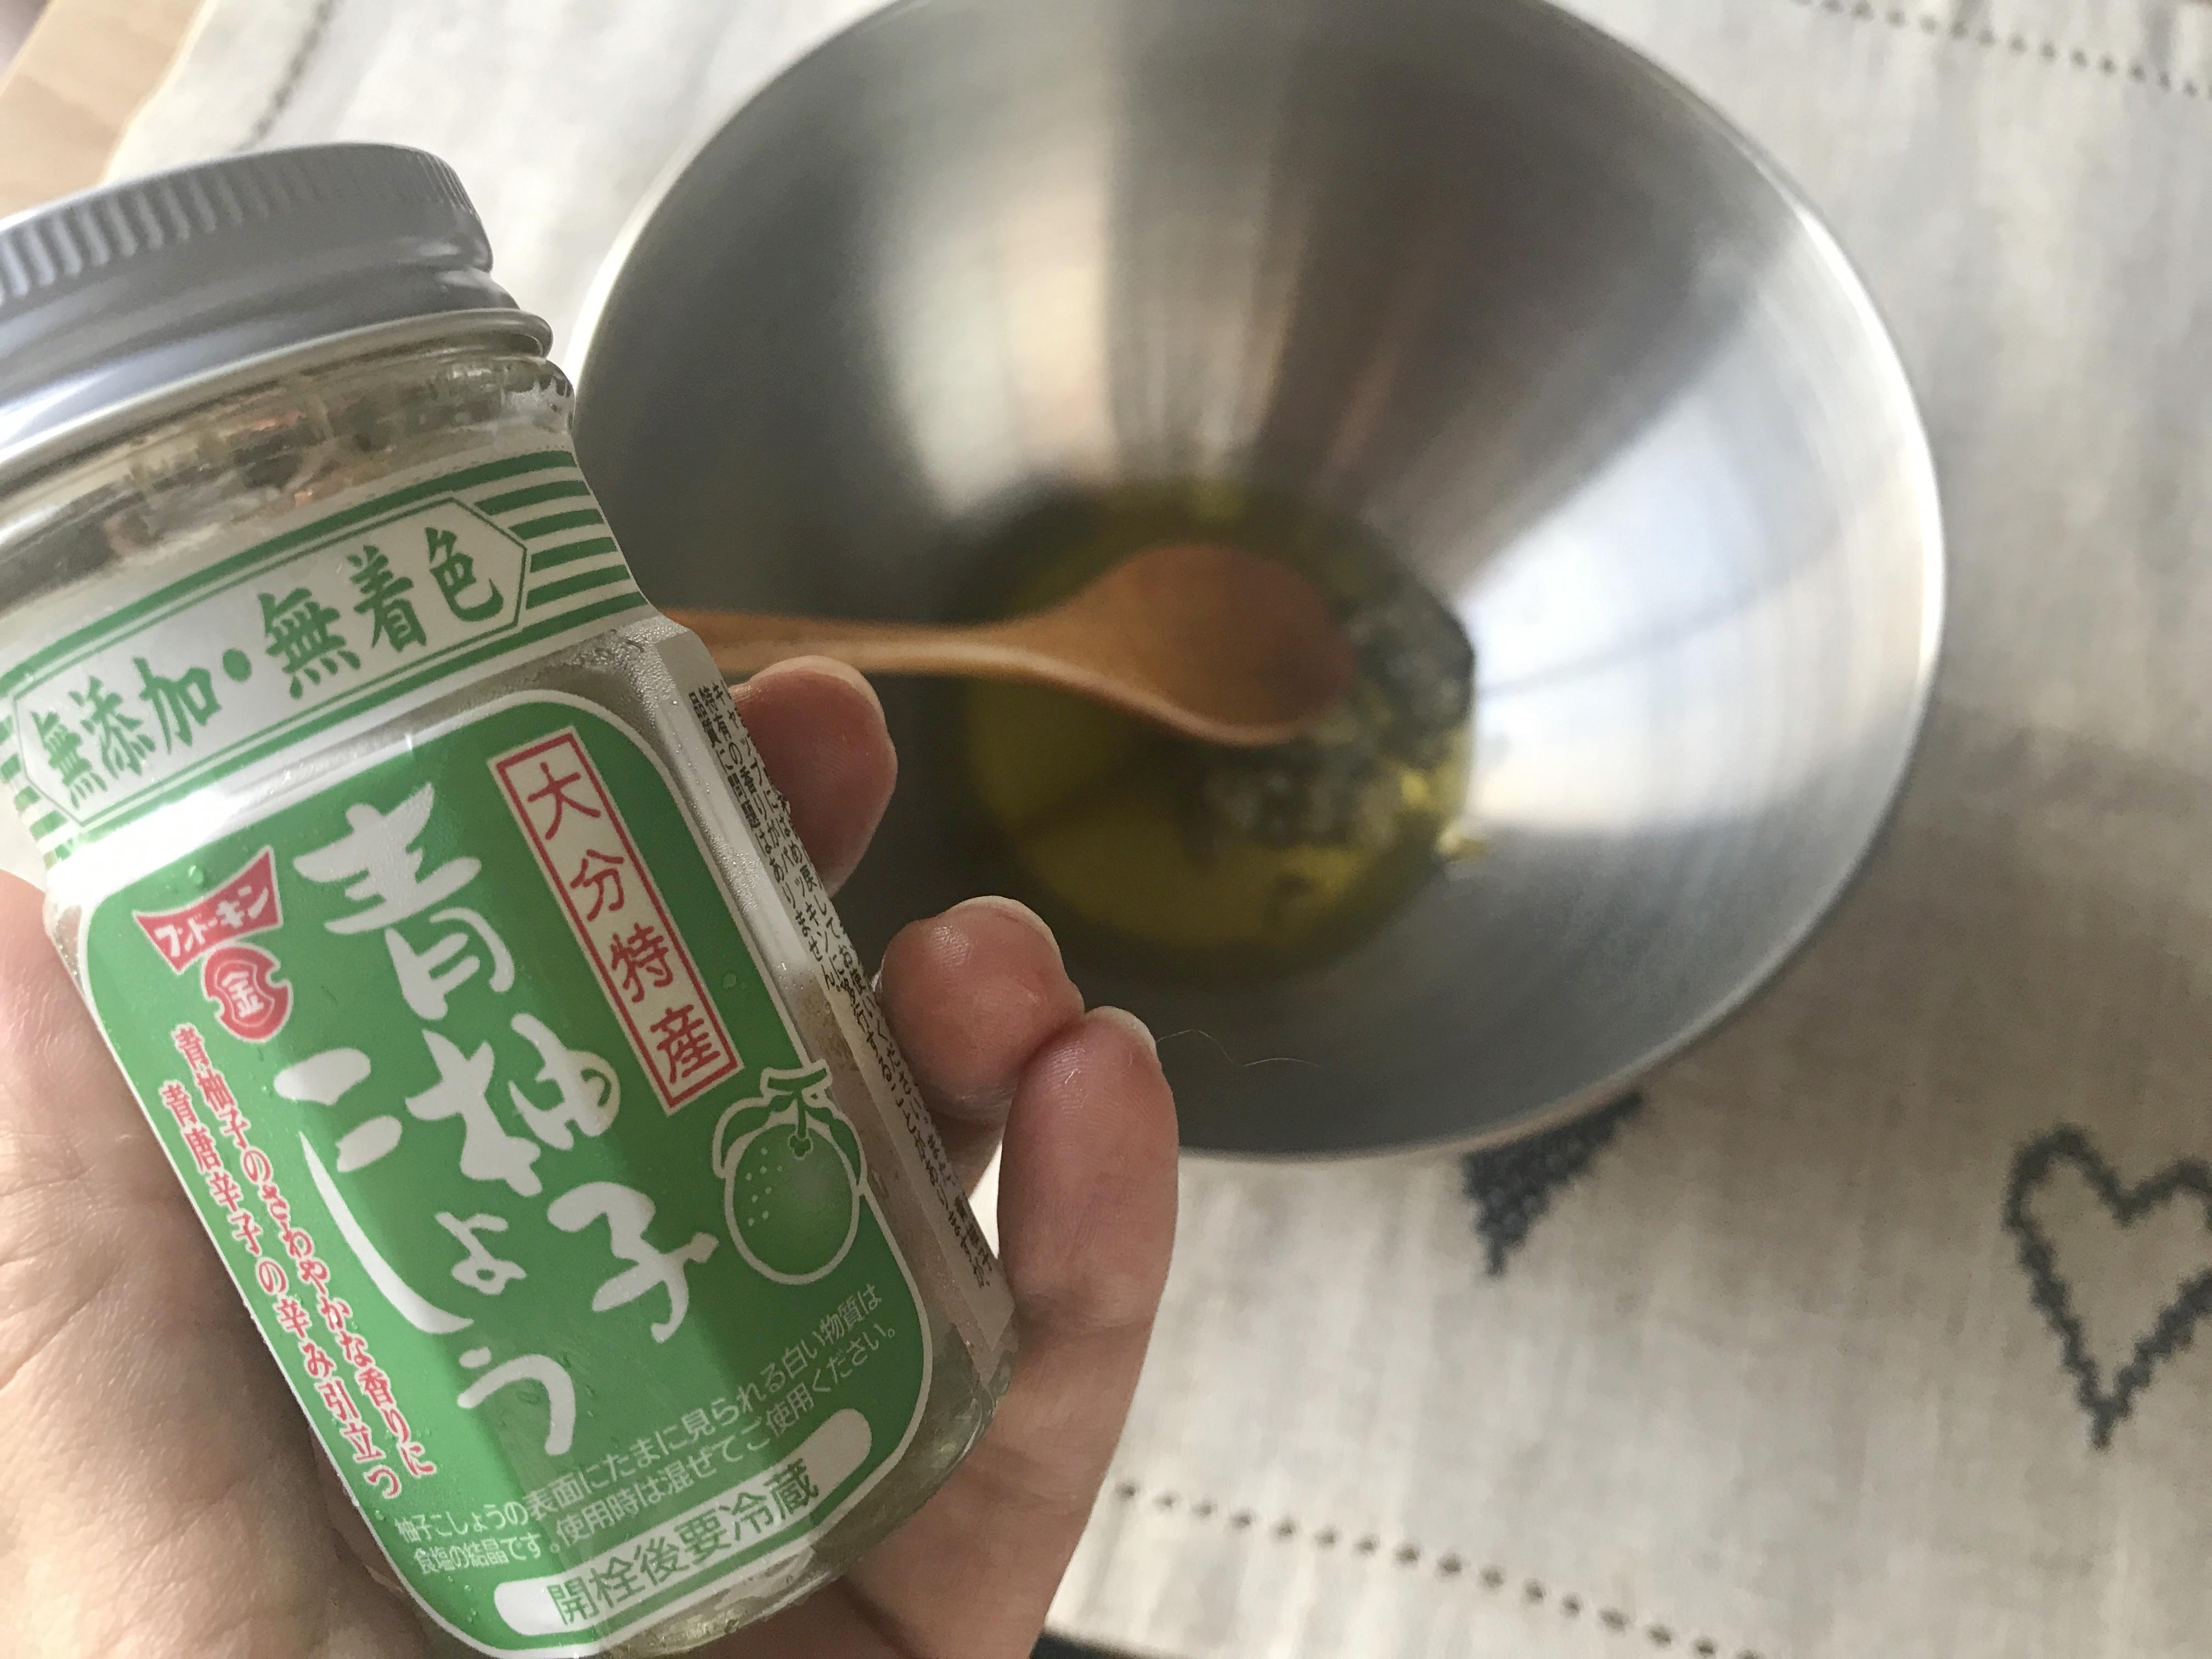 柚子胡椒とオリーブオイル